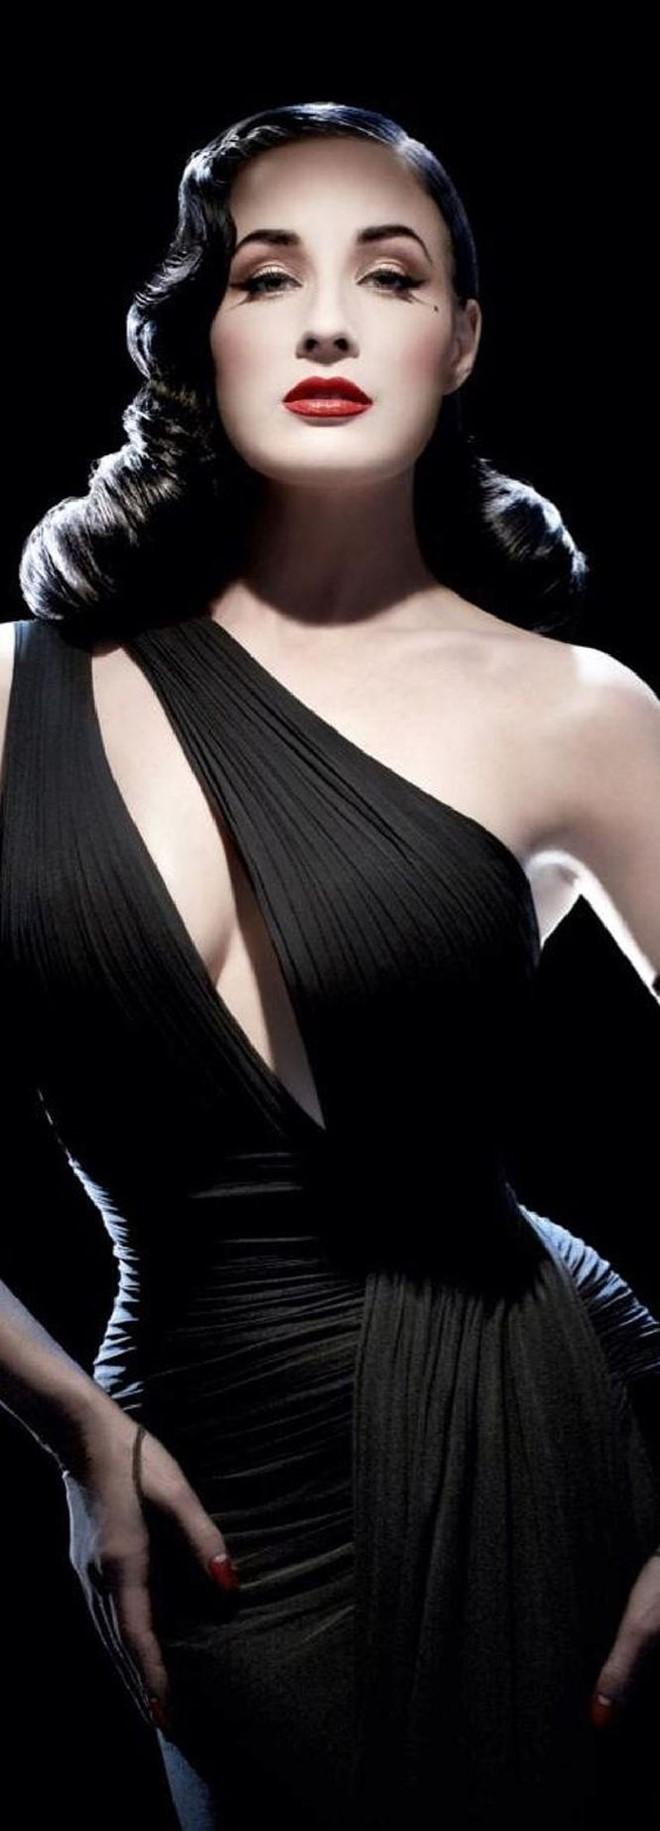 Những ảnh sexy nhất của vũ nữ thoát y số 1 thế giới Dita Von Teese - hình ảnh 4